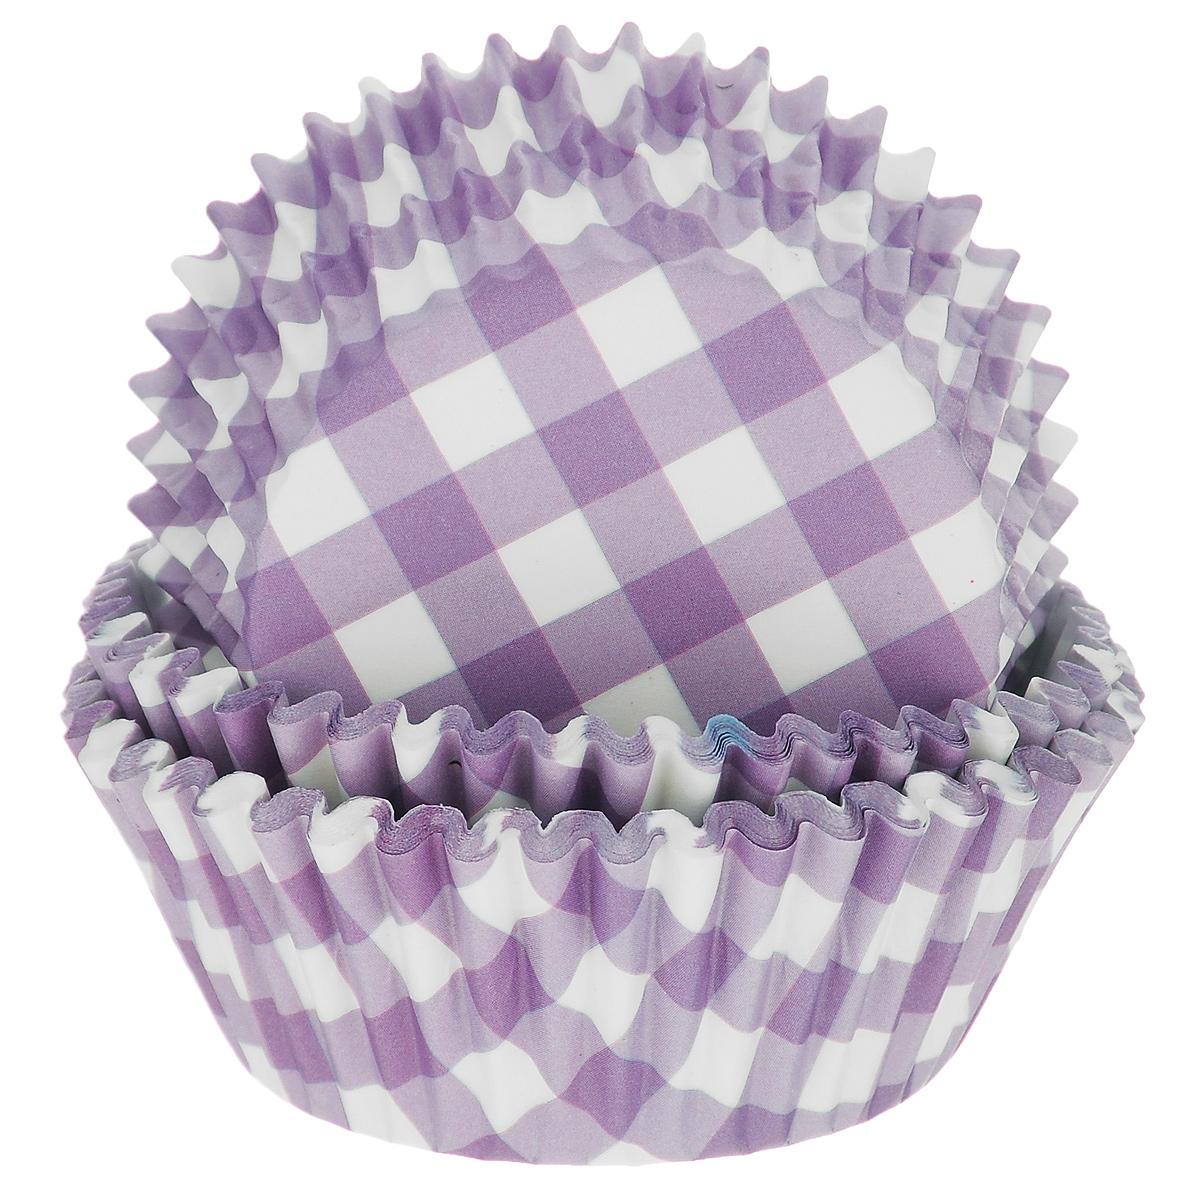 Набор бумажных форм для кексов Dolce Arti Клетка, цвет: фиолетовый, диаметр 7 см, 50 штDA080210Набор Dolce Arti Клетка состоит из 50 бумажных форм для кексов, оформленных принтом в клетку. Они предназначены для выпечки и упаковки кондитерских изделий, также могут использоваться для сервировки орешков, конфет и много другого. Для одноразового применения. Гофрированные бумажные формы идеальны для выпечки кексов, булочек и пирожных.Высота стенки: 3 см. Диаметр (по верхнему краю): 7 см.